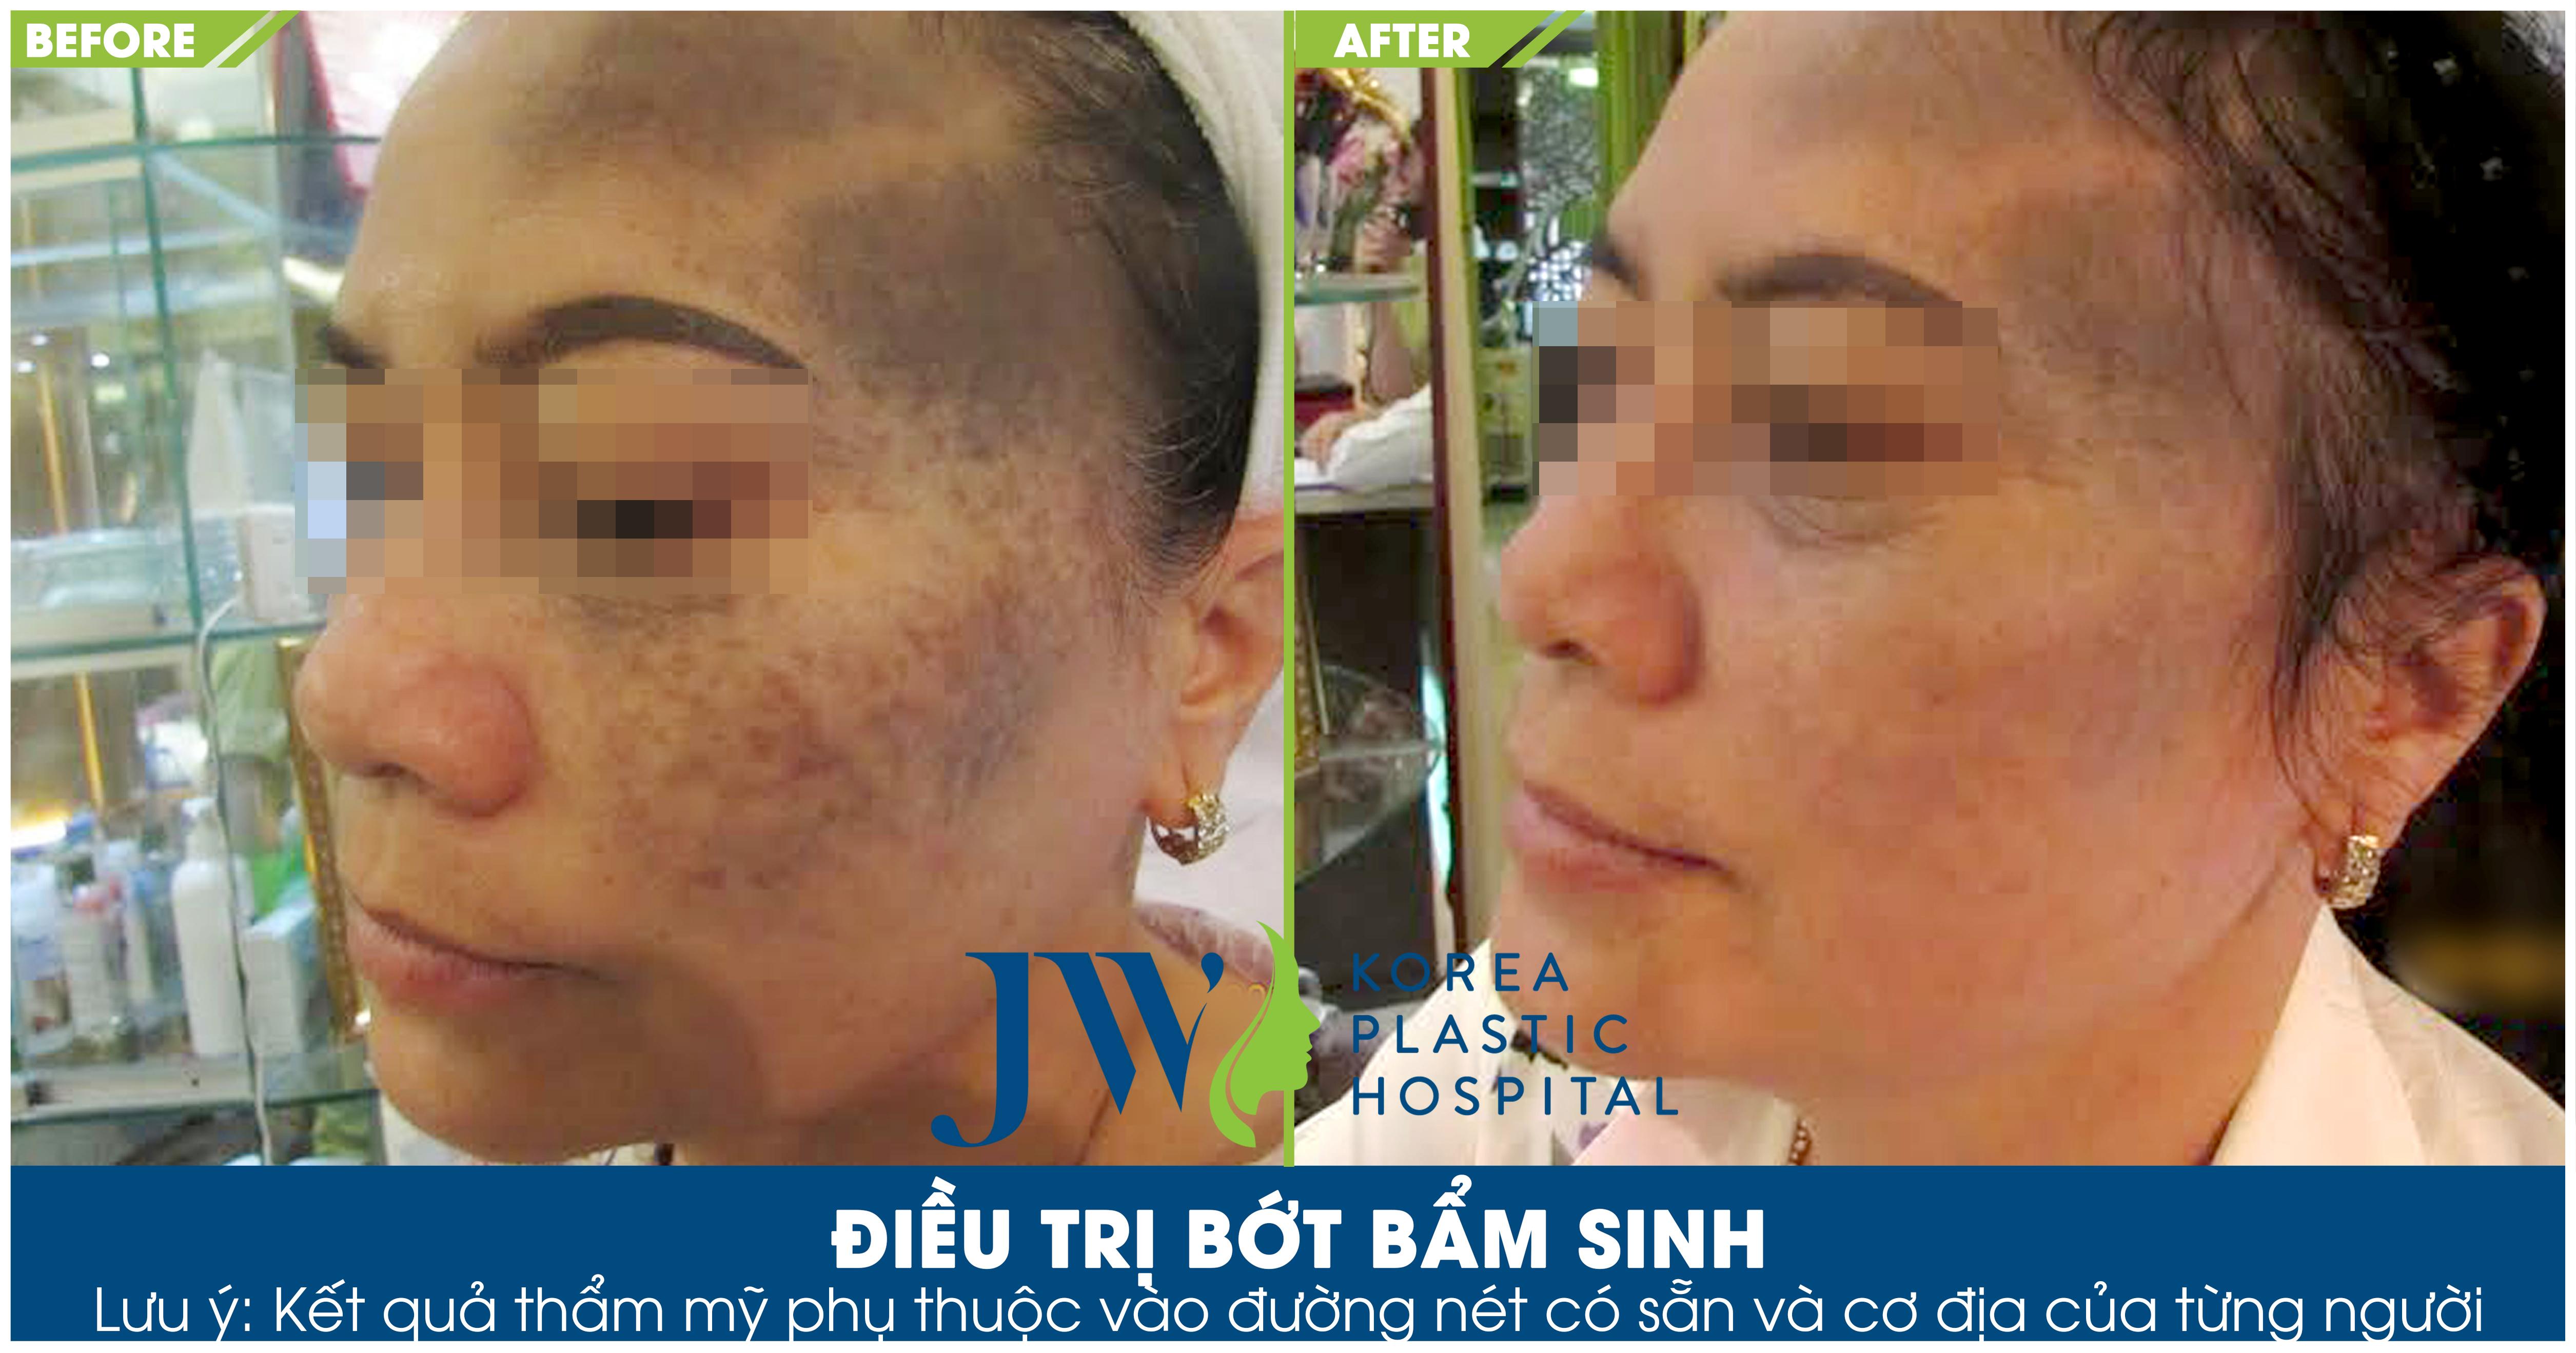 Làn da khách hàng trông sáng rõ hơn sau khi điều trị bớt tại Skincare JW